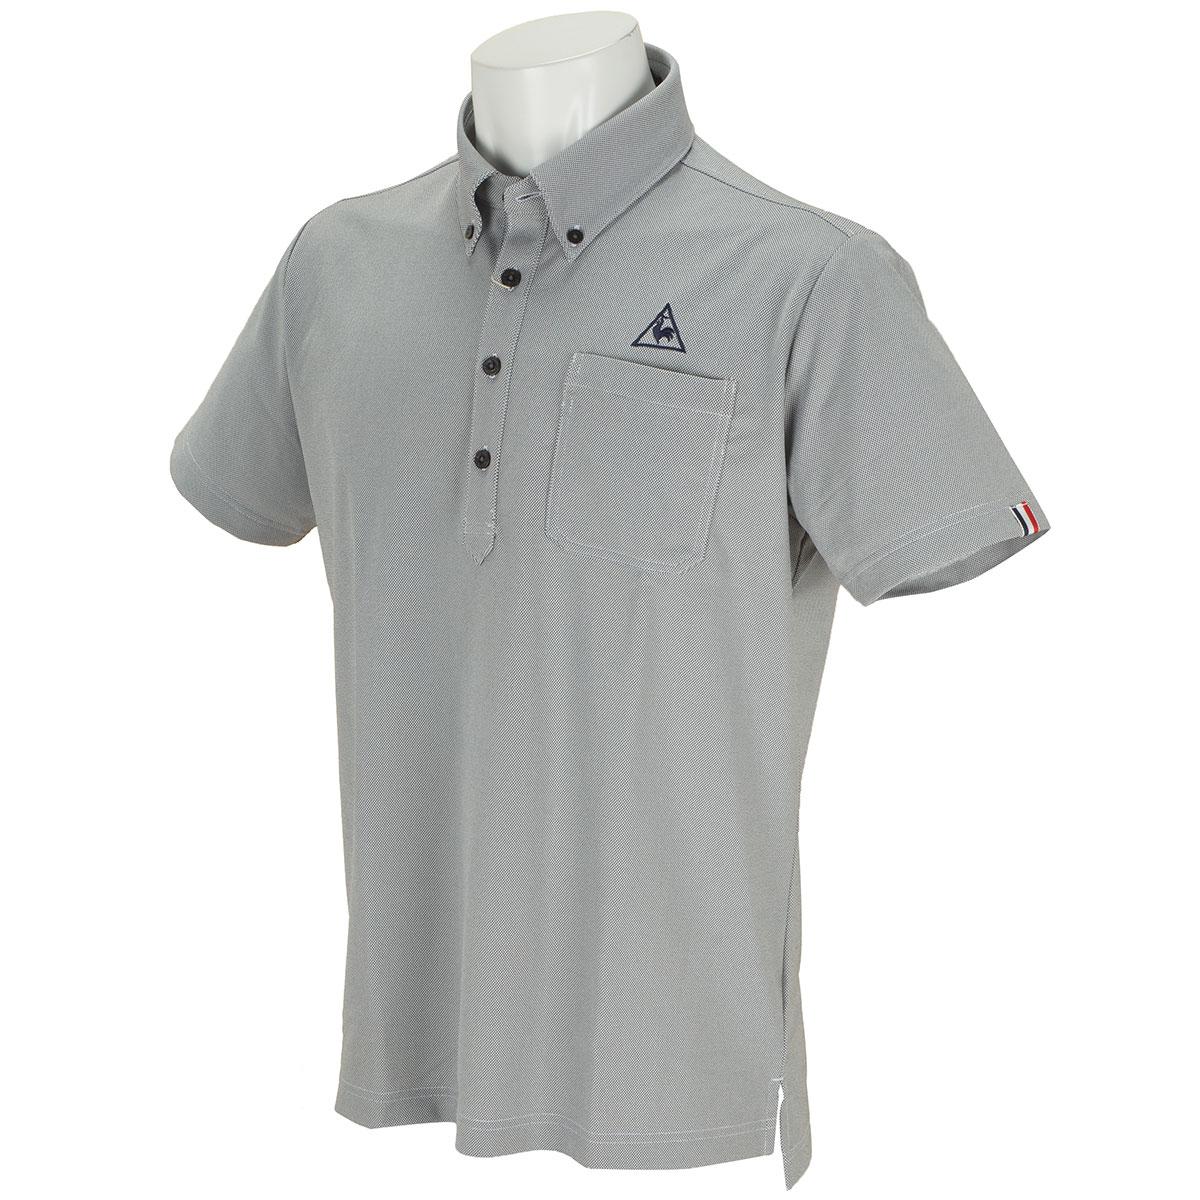 GDO限定ボタンダウン半袖ポロシャツ